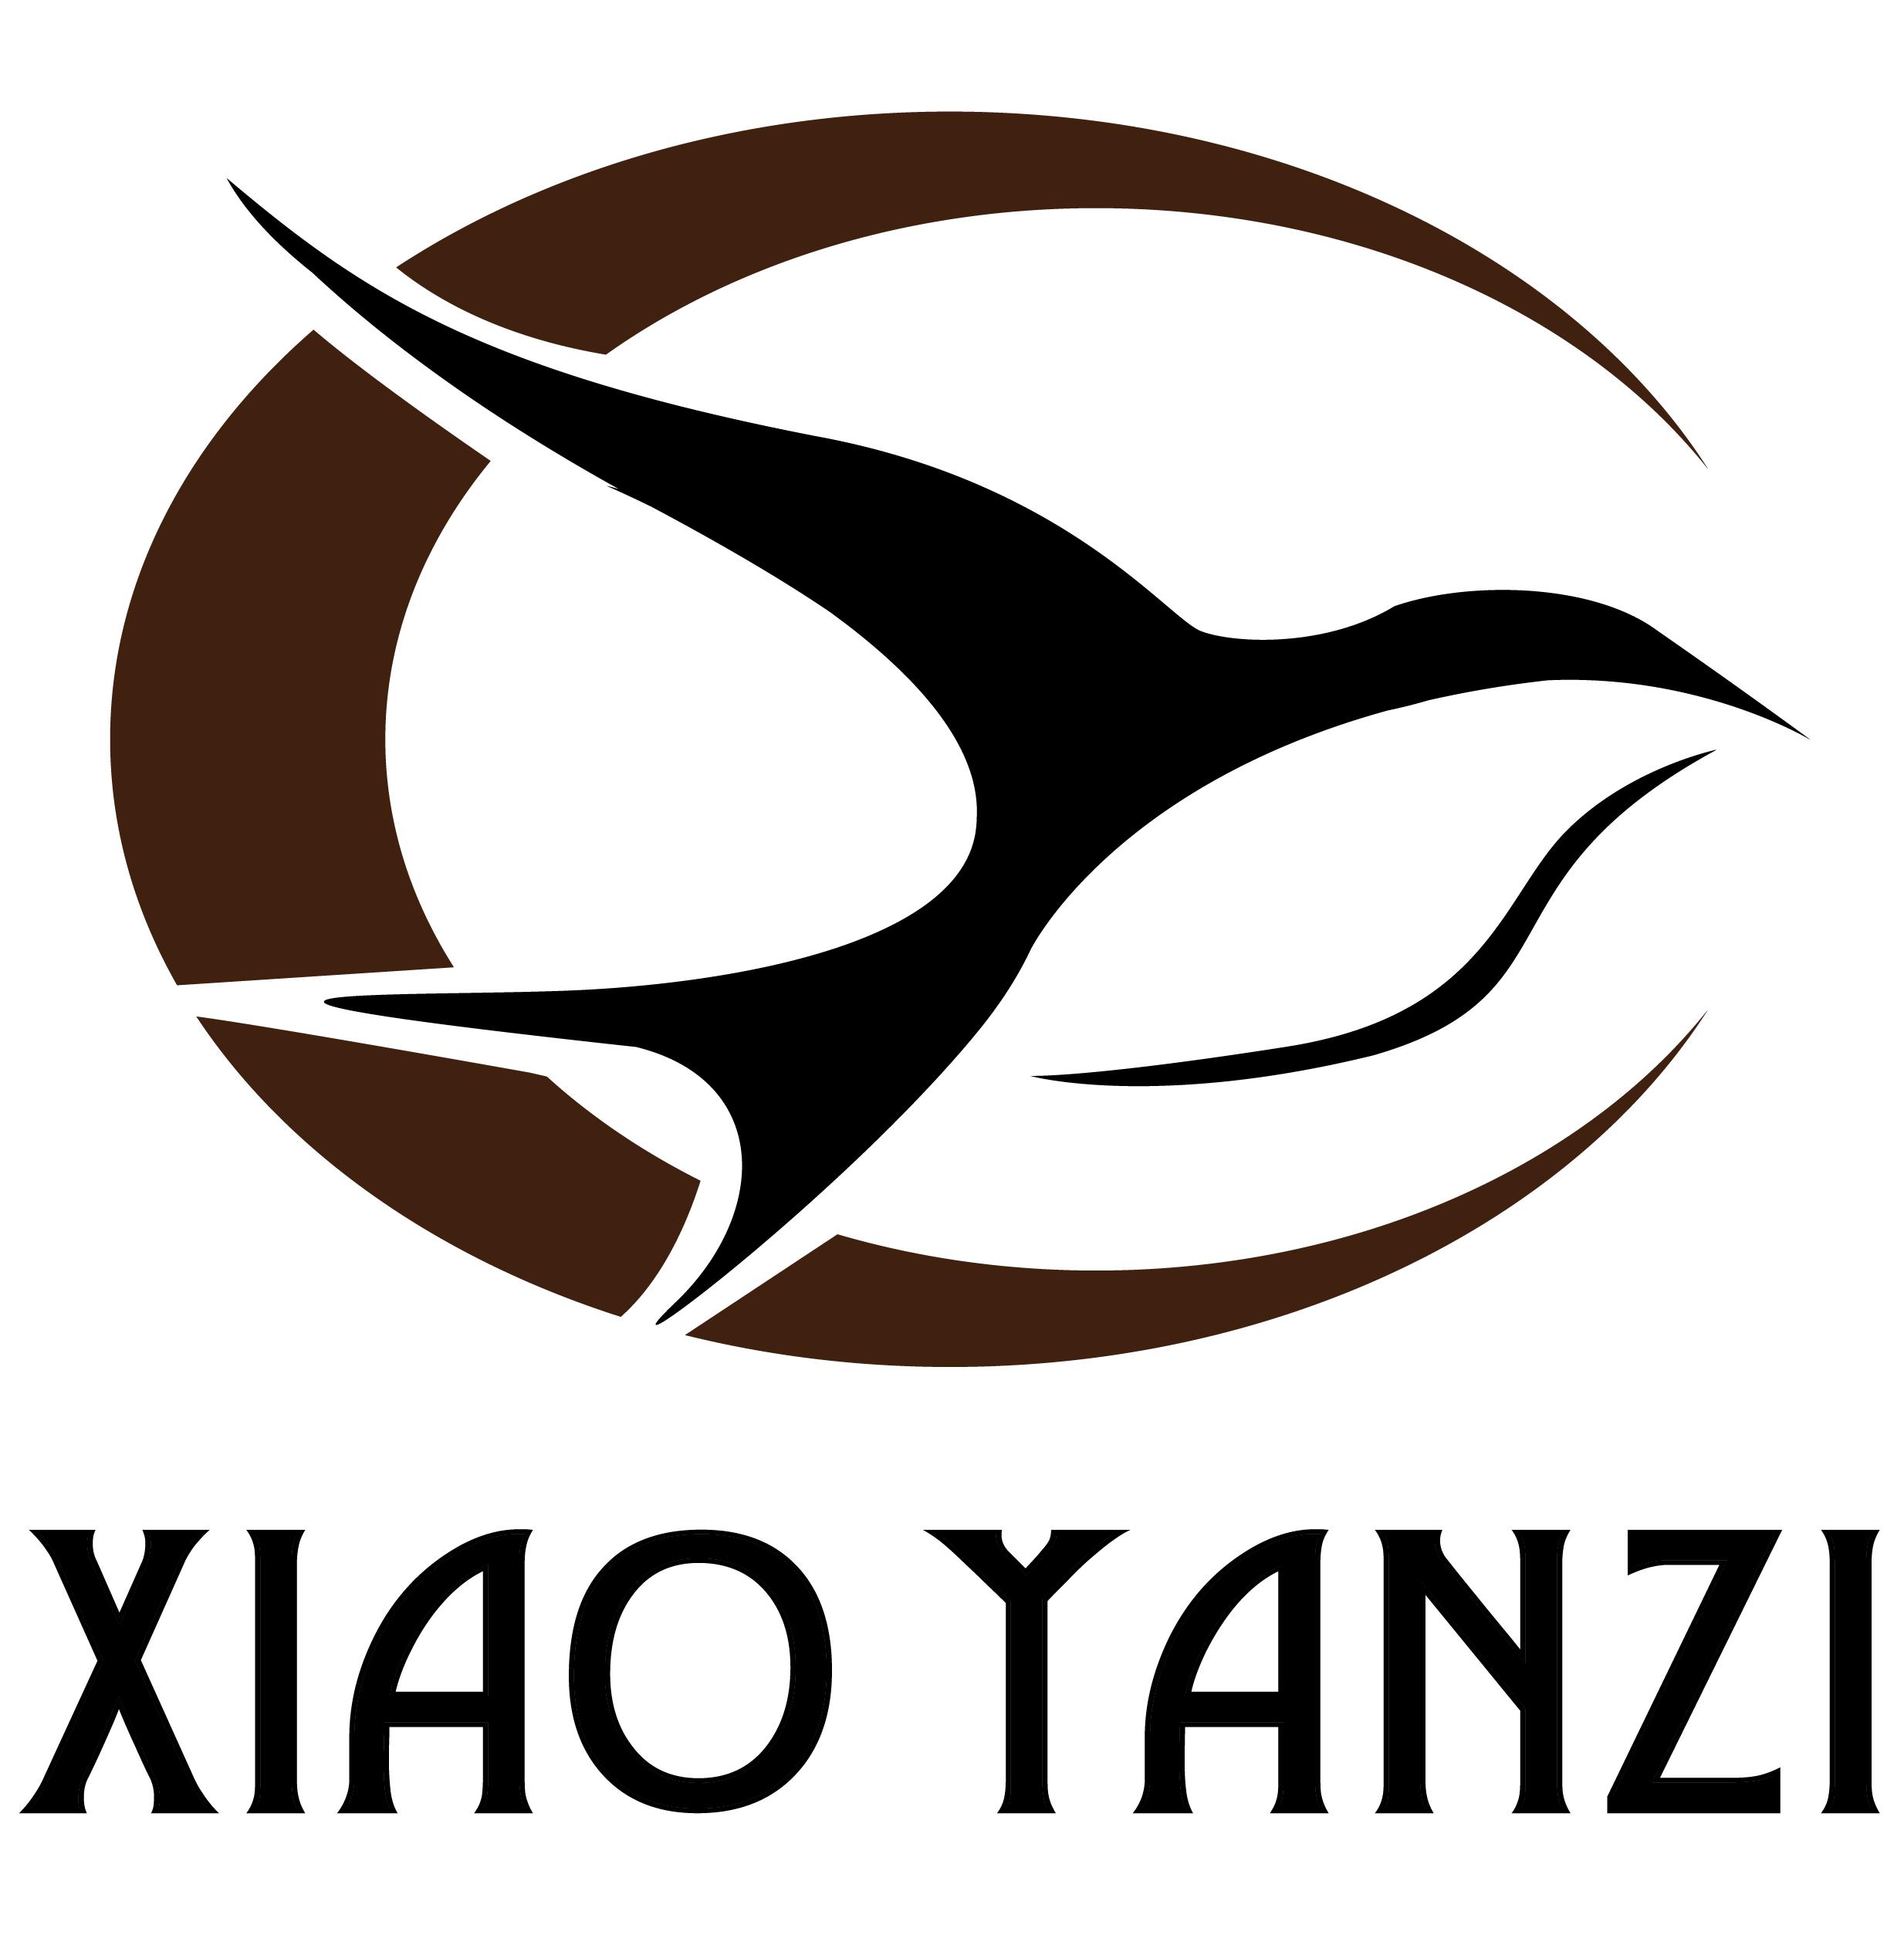 logo logo 标志 设计 矢量 矢量图 素材 图标 2467_2516